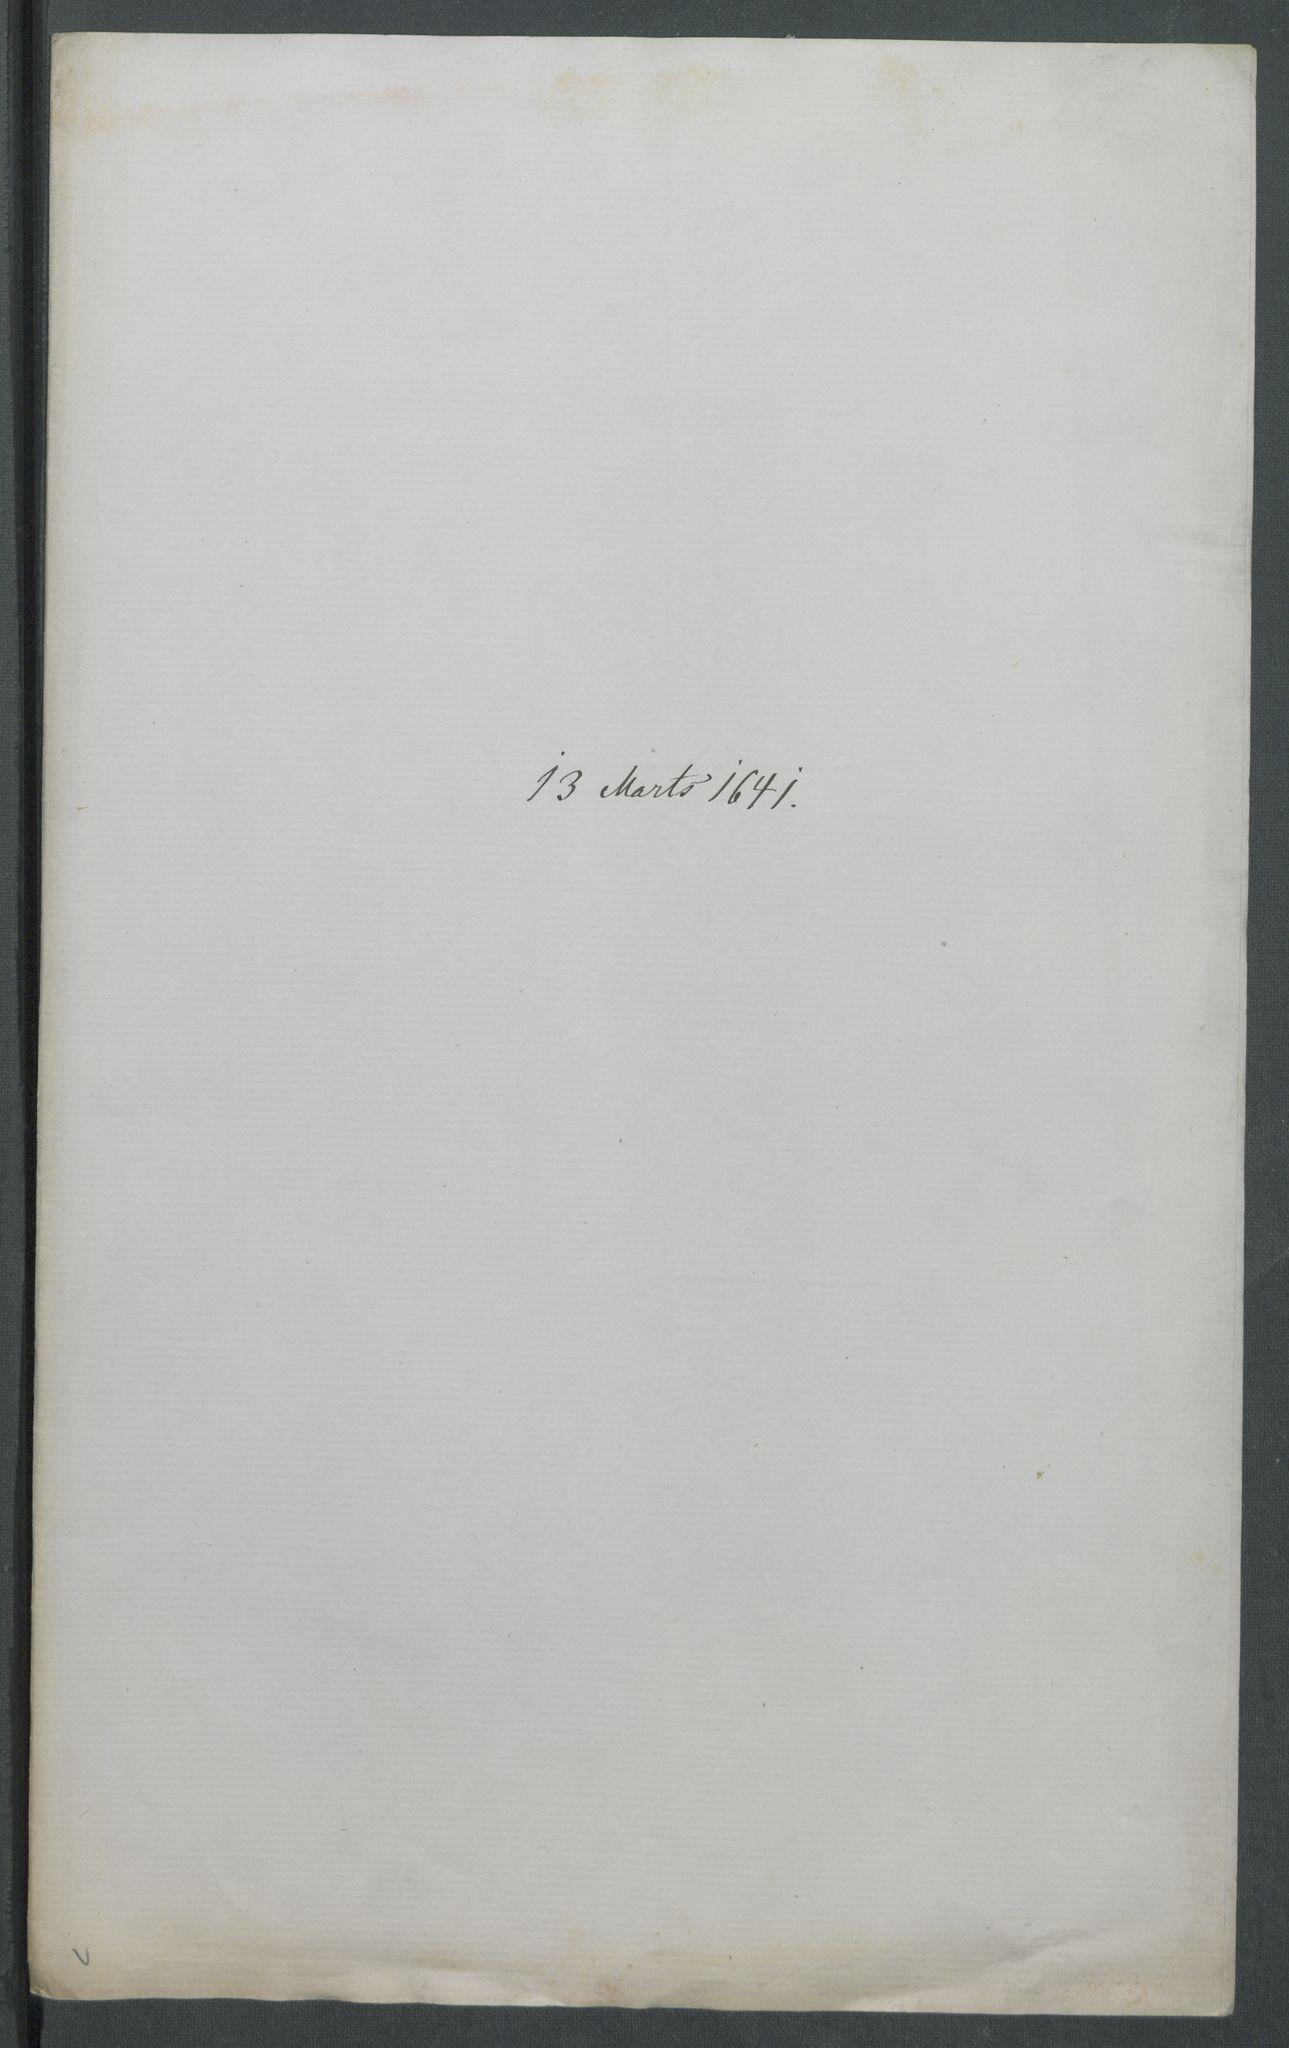 RA, Riksarkivets diplomsamling, F02/L0154: Dokumenter, 1641, s. 12